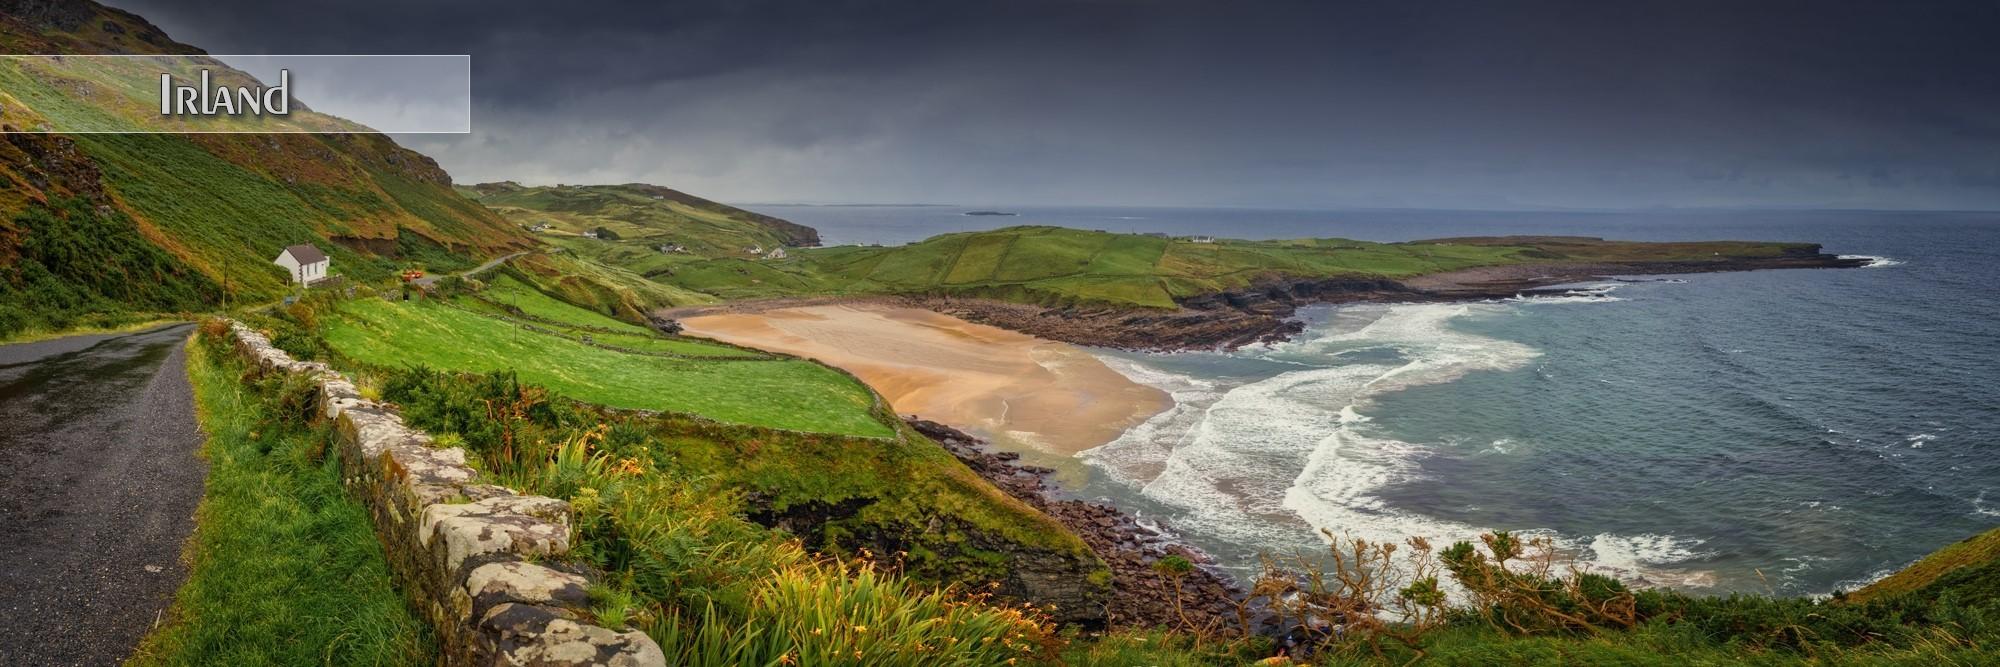 Bilder aus Irland als Wandbild oder Küchenrückwand